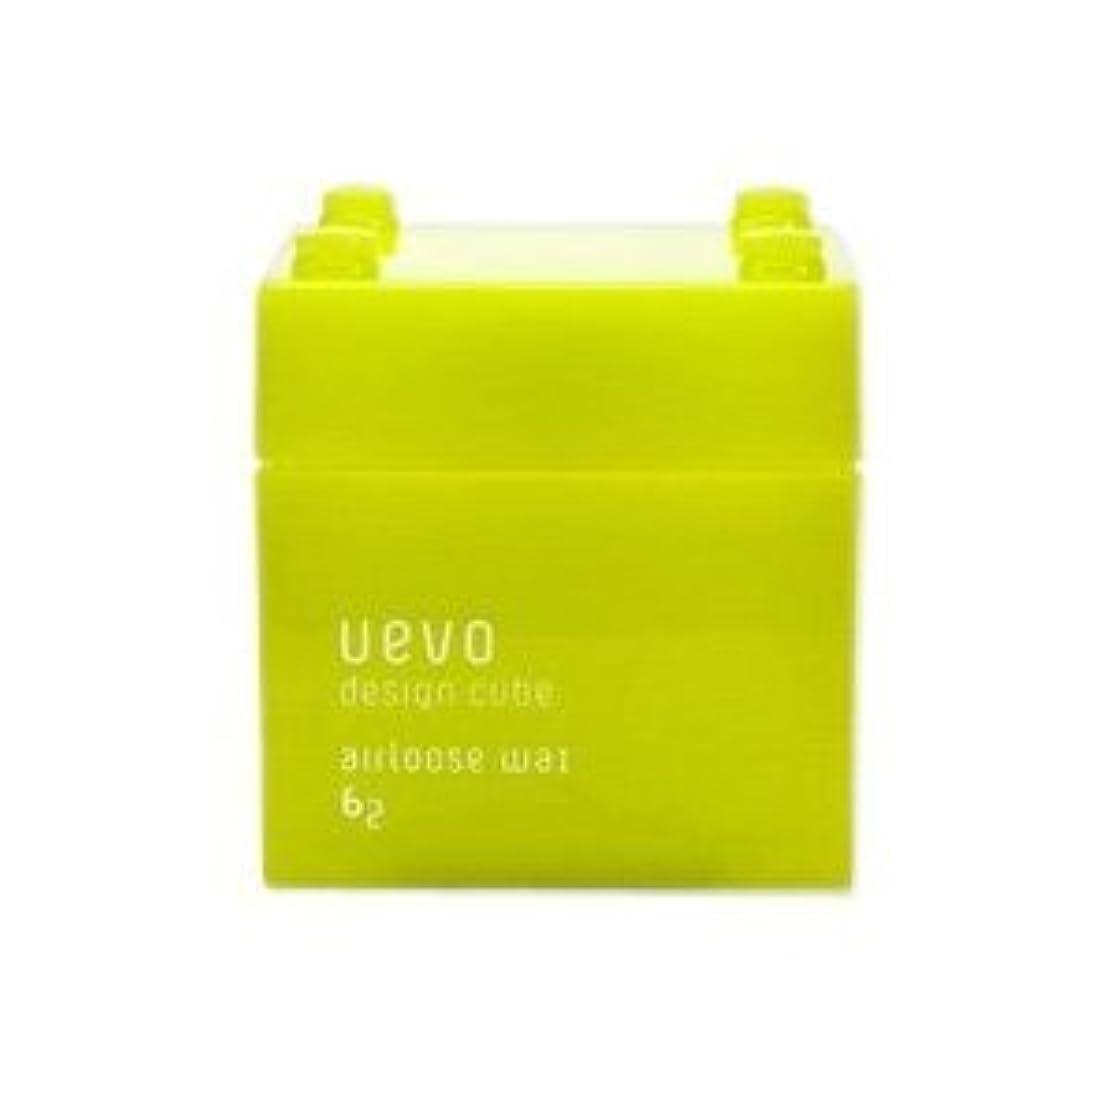 自動車二度コレクション【X3個セット】 デミ ウェーボ デザインキューブ エアルーズワックス 80g airloose wax DEMI uevo design cube